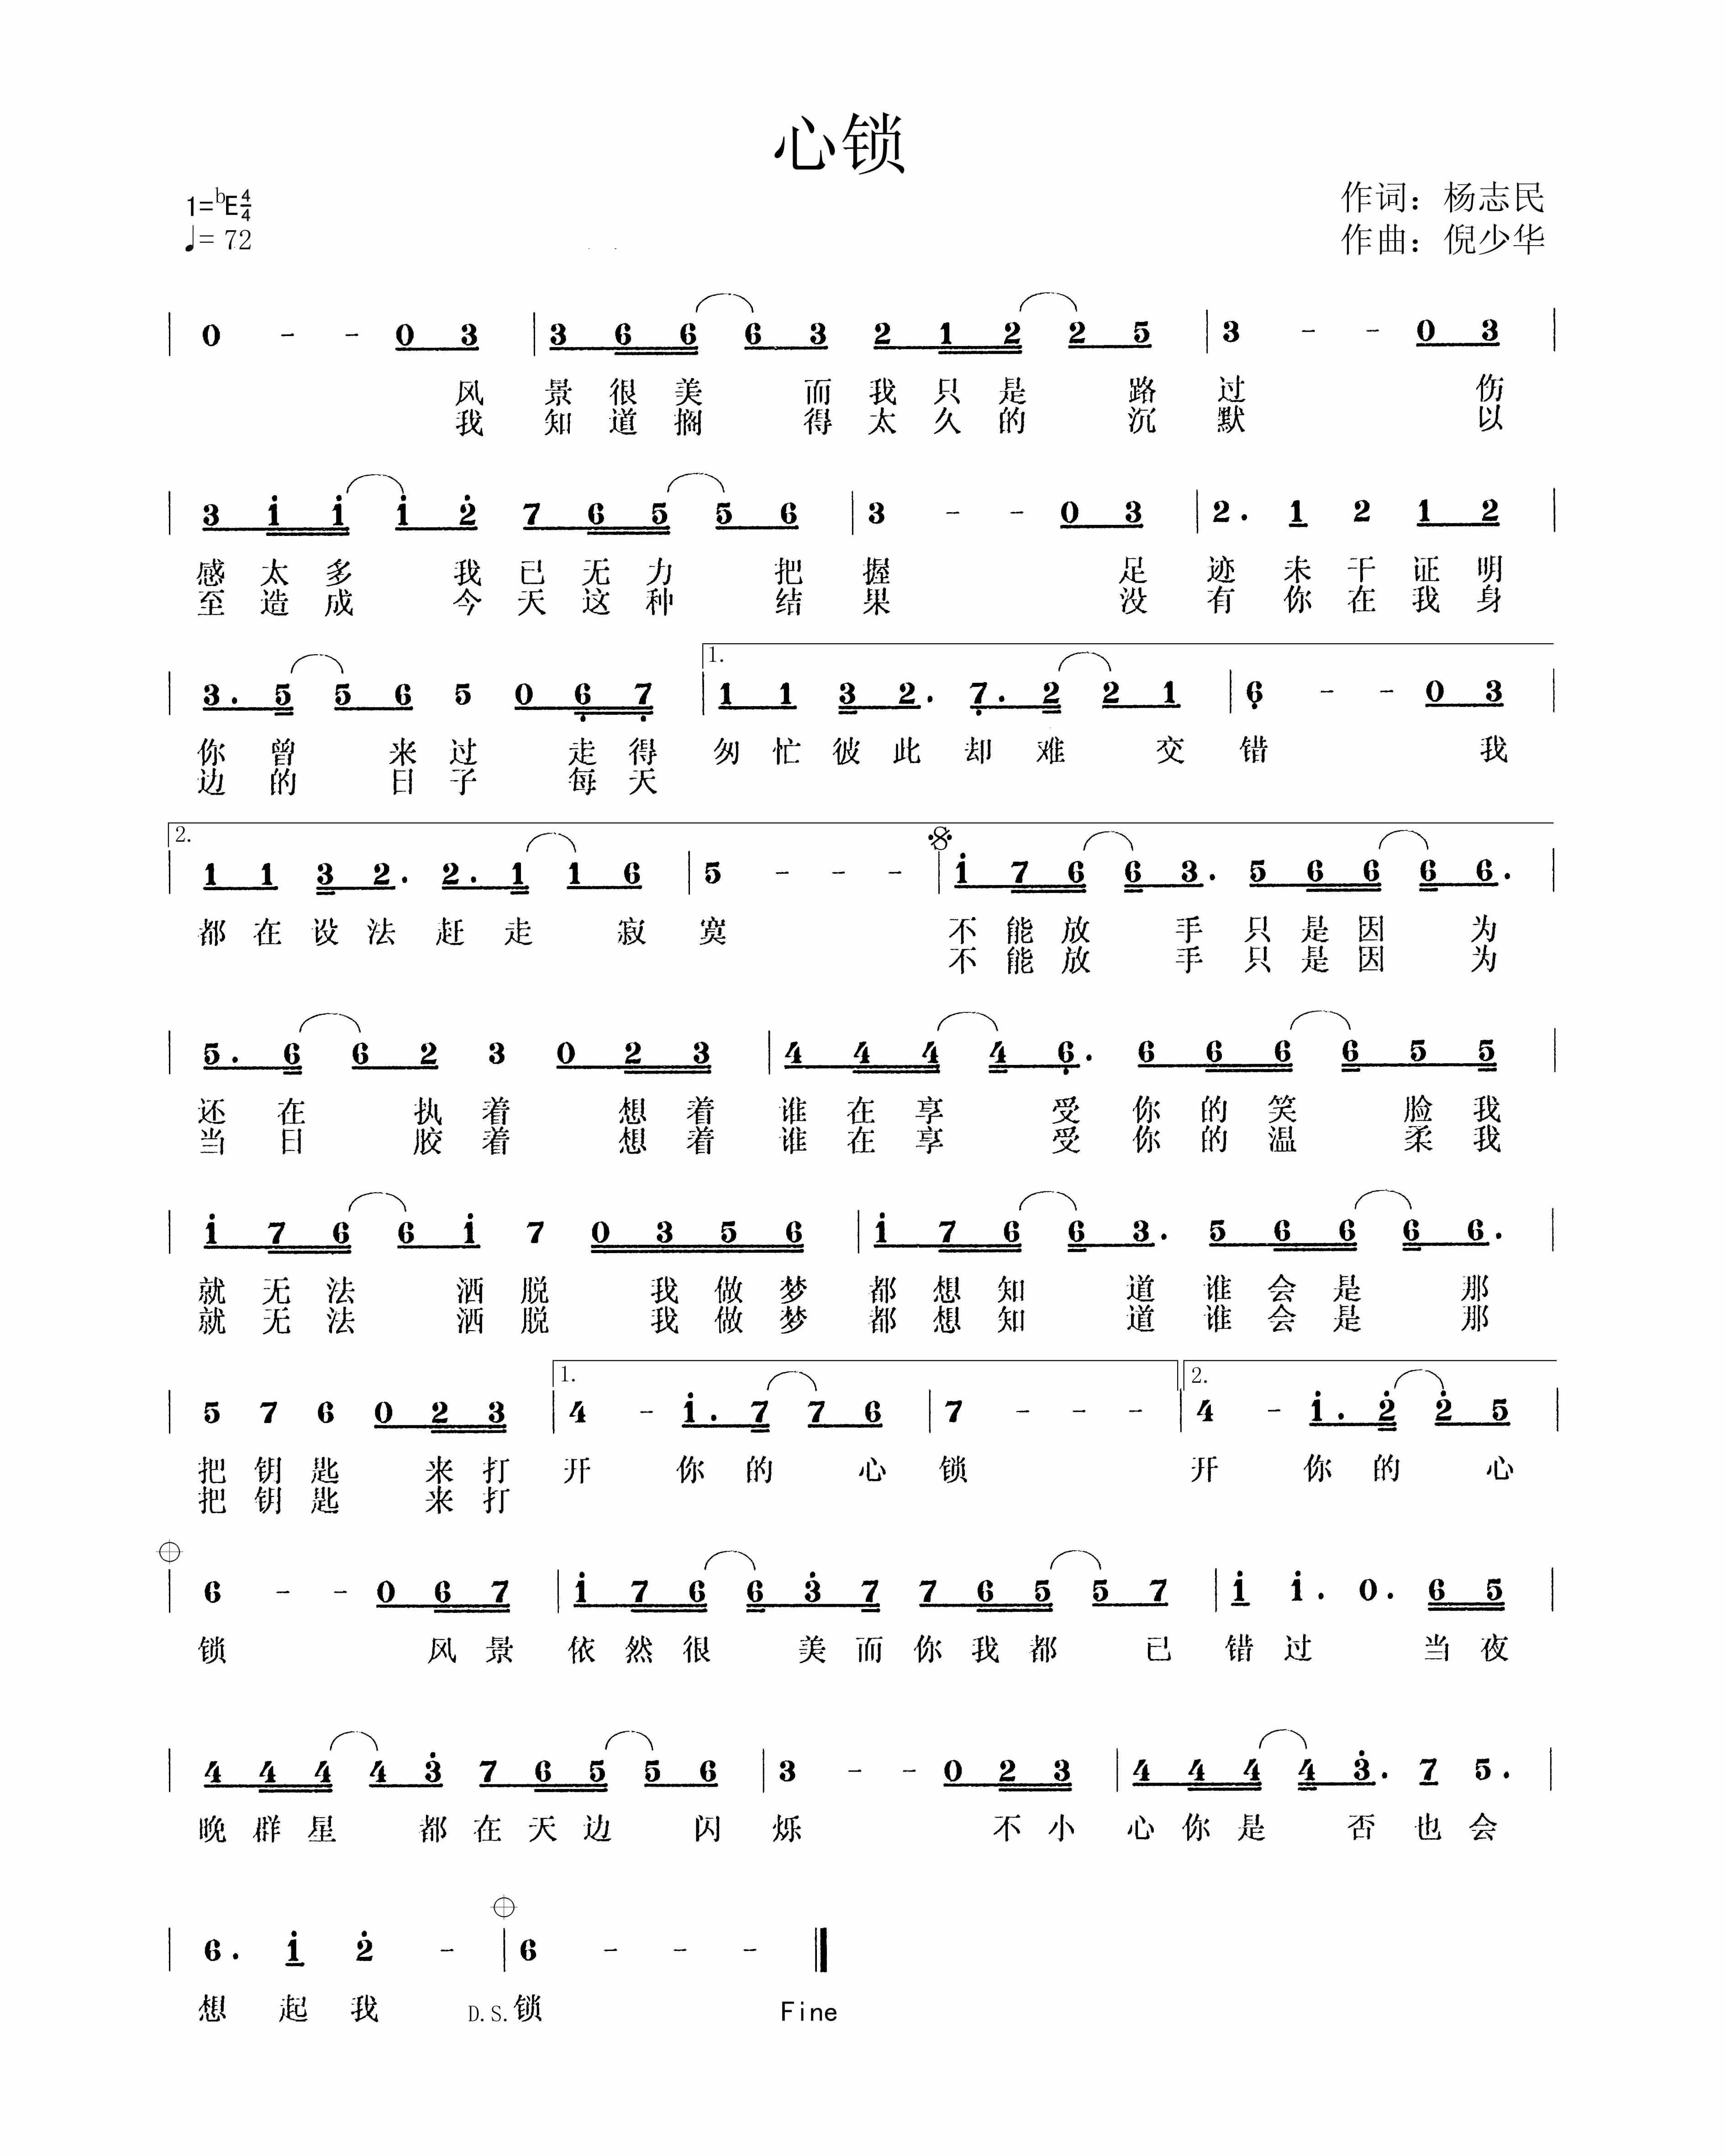 原创音乐曲谱-原创歌曲《心锁》出售,寻求合作 -  by